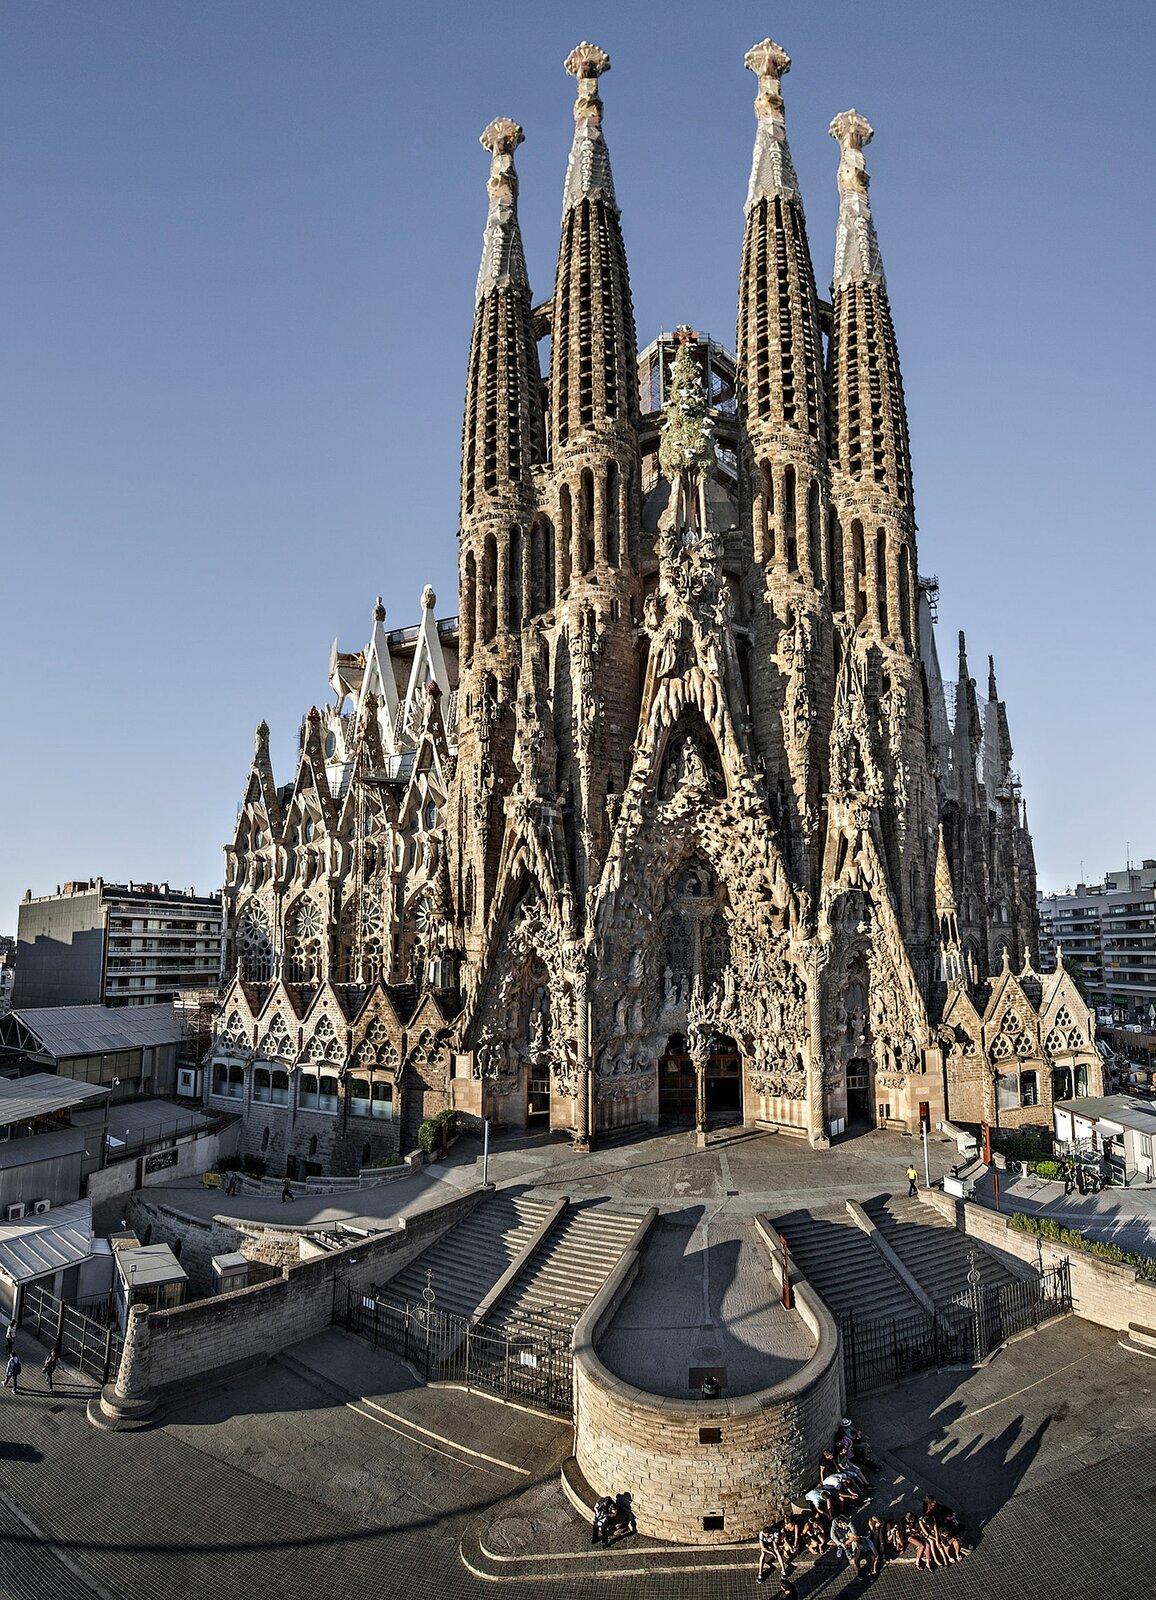 Temple Expiatori de la Sagrada Familia wBarcelonie, projekt Antonio Gaudi, budowana od 1882 roku, stan z2012. Temple Expiatori de la Sagrada Familia wBarcelonie, projekt Antonio Gaudi, budowana od 1882 roku, stan z2012. Źródło: Sagrada Família (oficial), 2012, licencja: CC BY-SA 3.0.